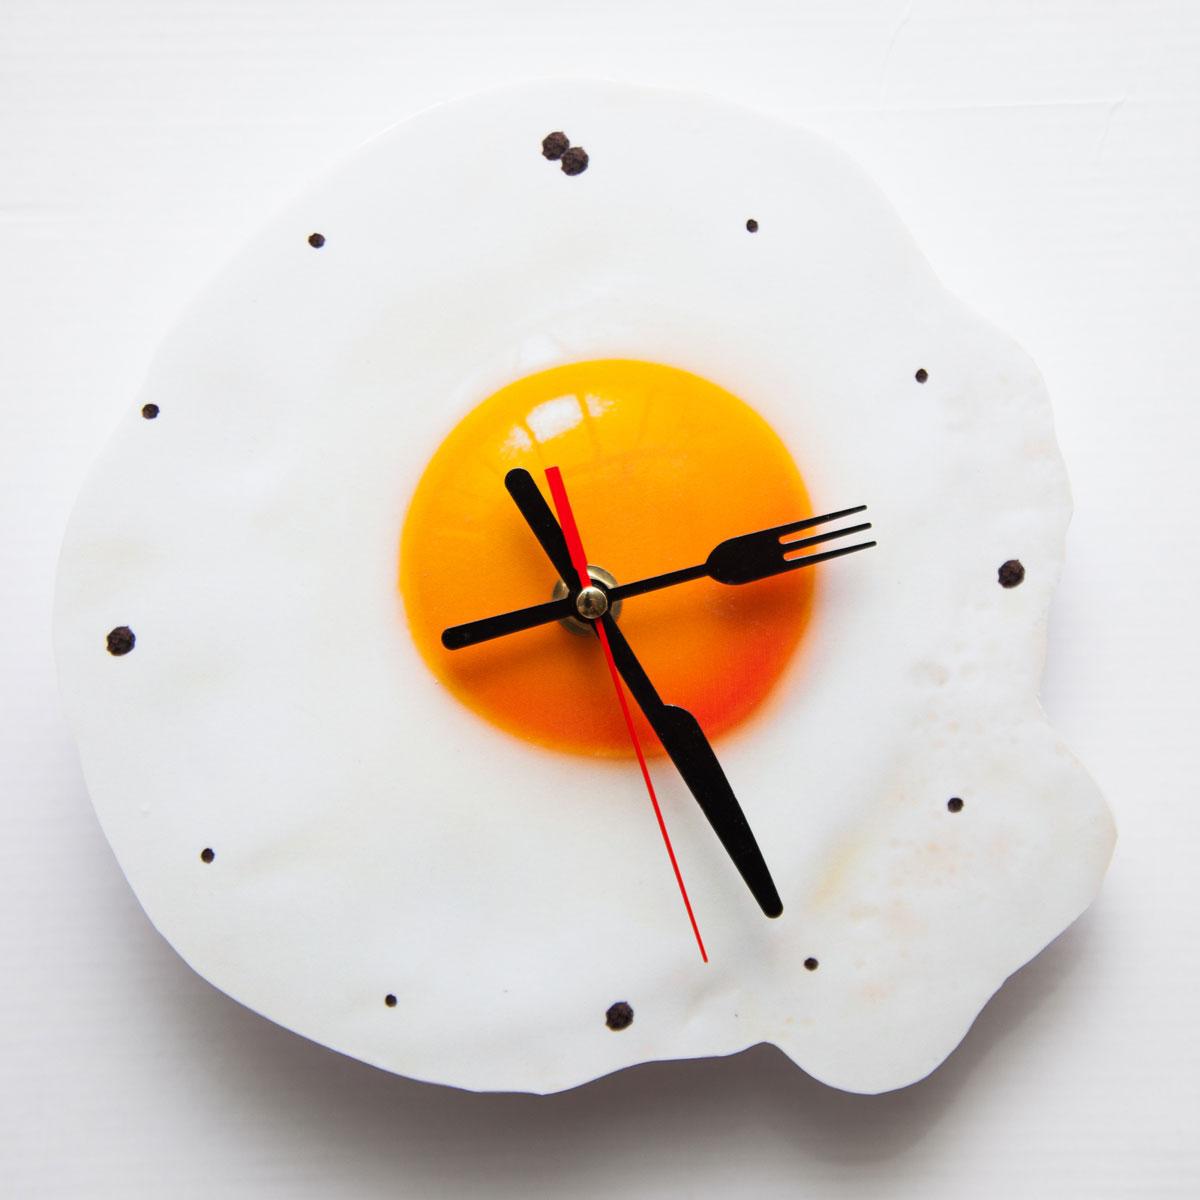 Часы настенные Magellanno Яичница, кварцевые, цвет: белый, 21 х 21 смWC002RGBОтличное дополнение в интерьер кухни, а может быть и комнаты. Свежий взгляд на время ихорошее настроение каждое утро – обеспечены! Настенные часы пластиковые, механизмкварцевый, батарейка в комплект не входит. Рисунок: печатный рисунок Тип индикации: точки Габариты предмета (см): ширина: 21 см; глубина: 2.5 см; высота: 21 см Размещение часов: настенные Форма часов: произвольная Механизм часов: кварцевые Материал стекла: нет Доп. опции интерьерных часов: дискретный ход